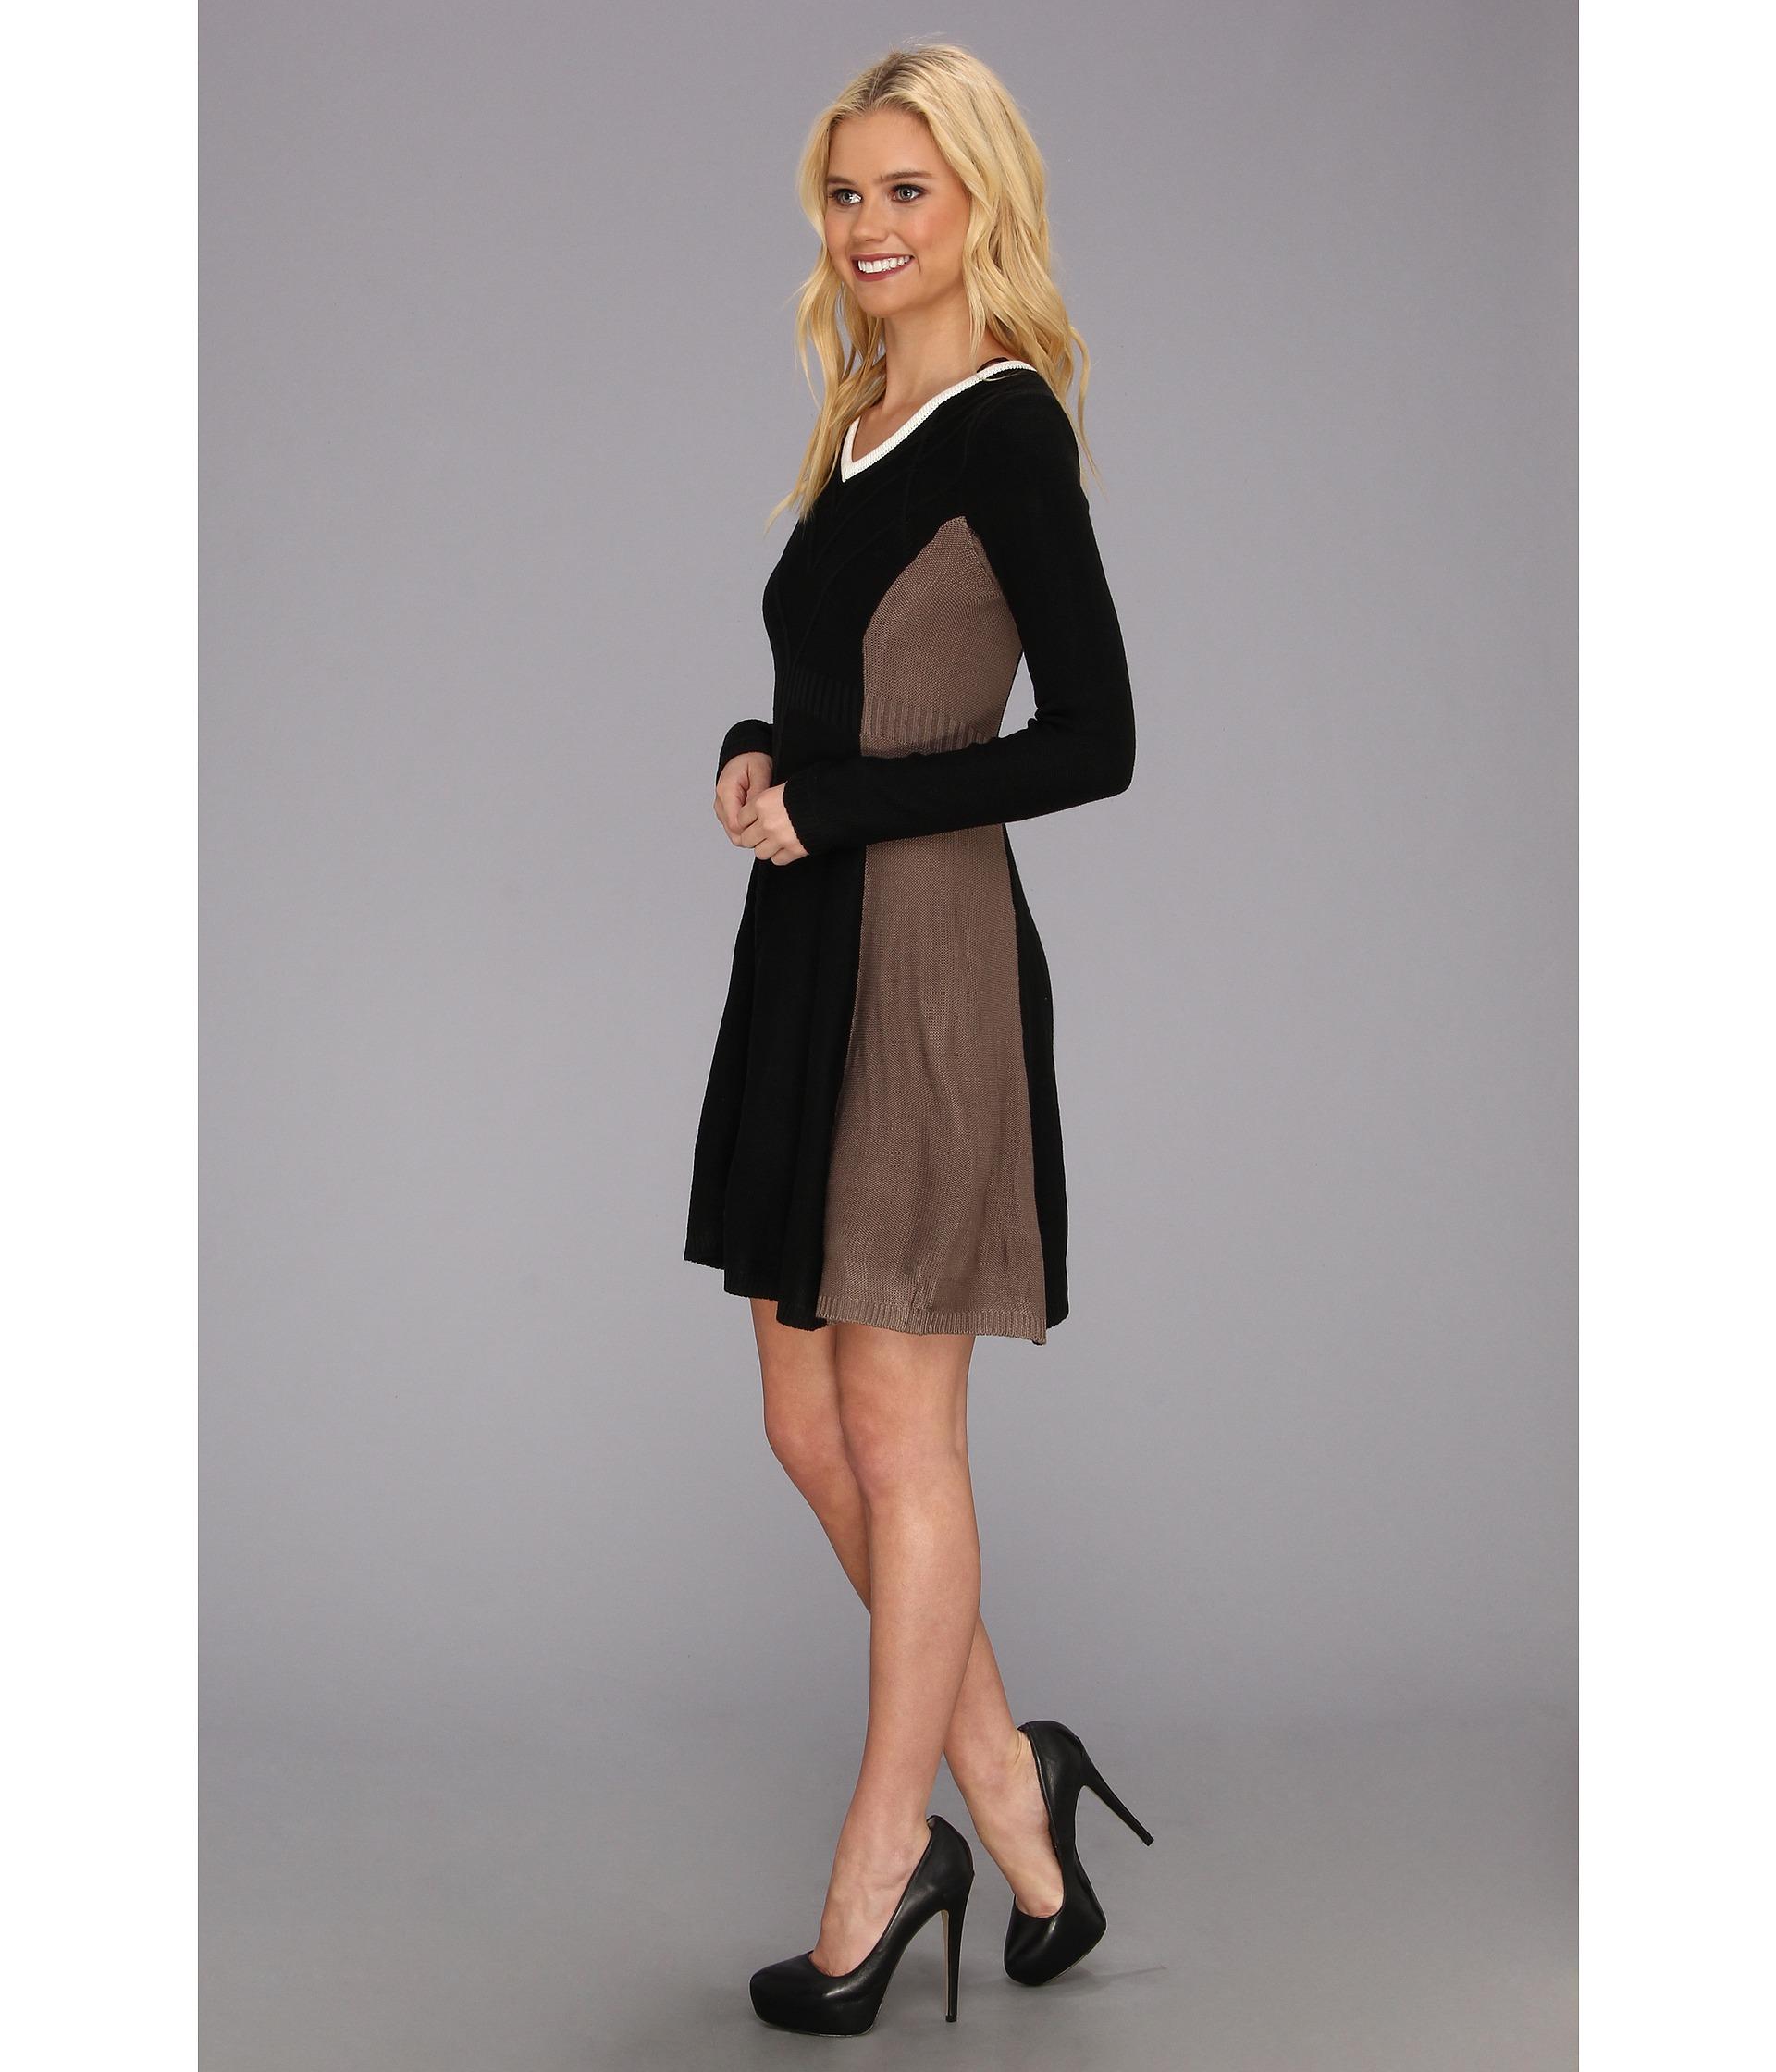 Джессика женская одежда каталог с доставкой